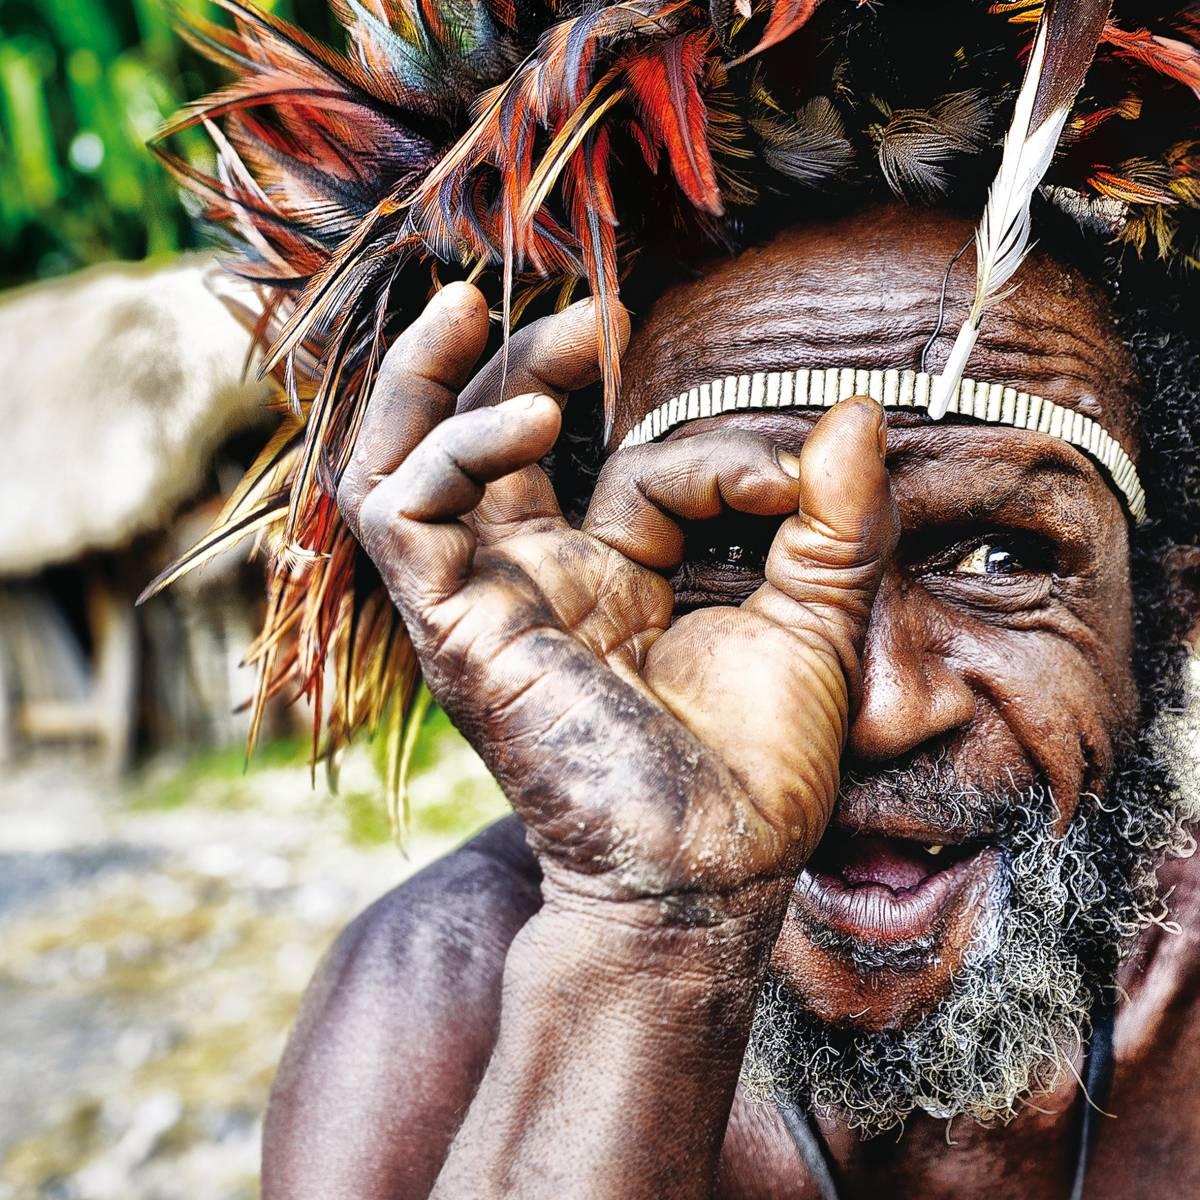 Esta asombrosa imagen de un hombre indígena dani de Papúa Occidental fue la ganadora de la pasada edición. © Magda Zelewska